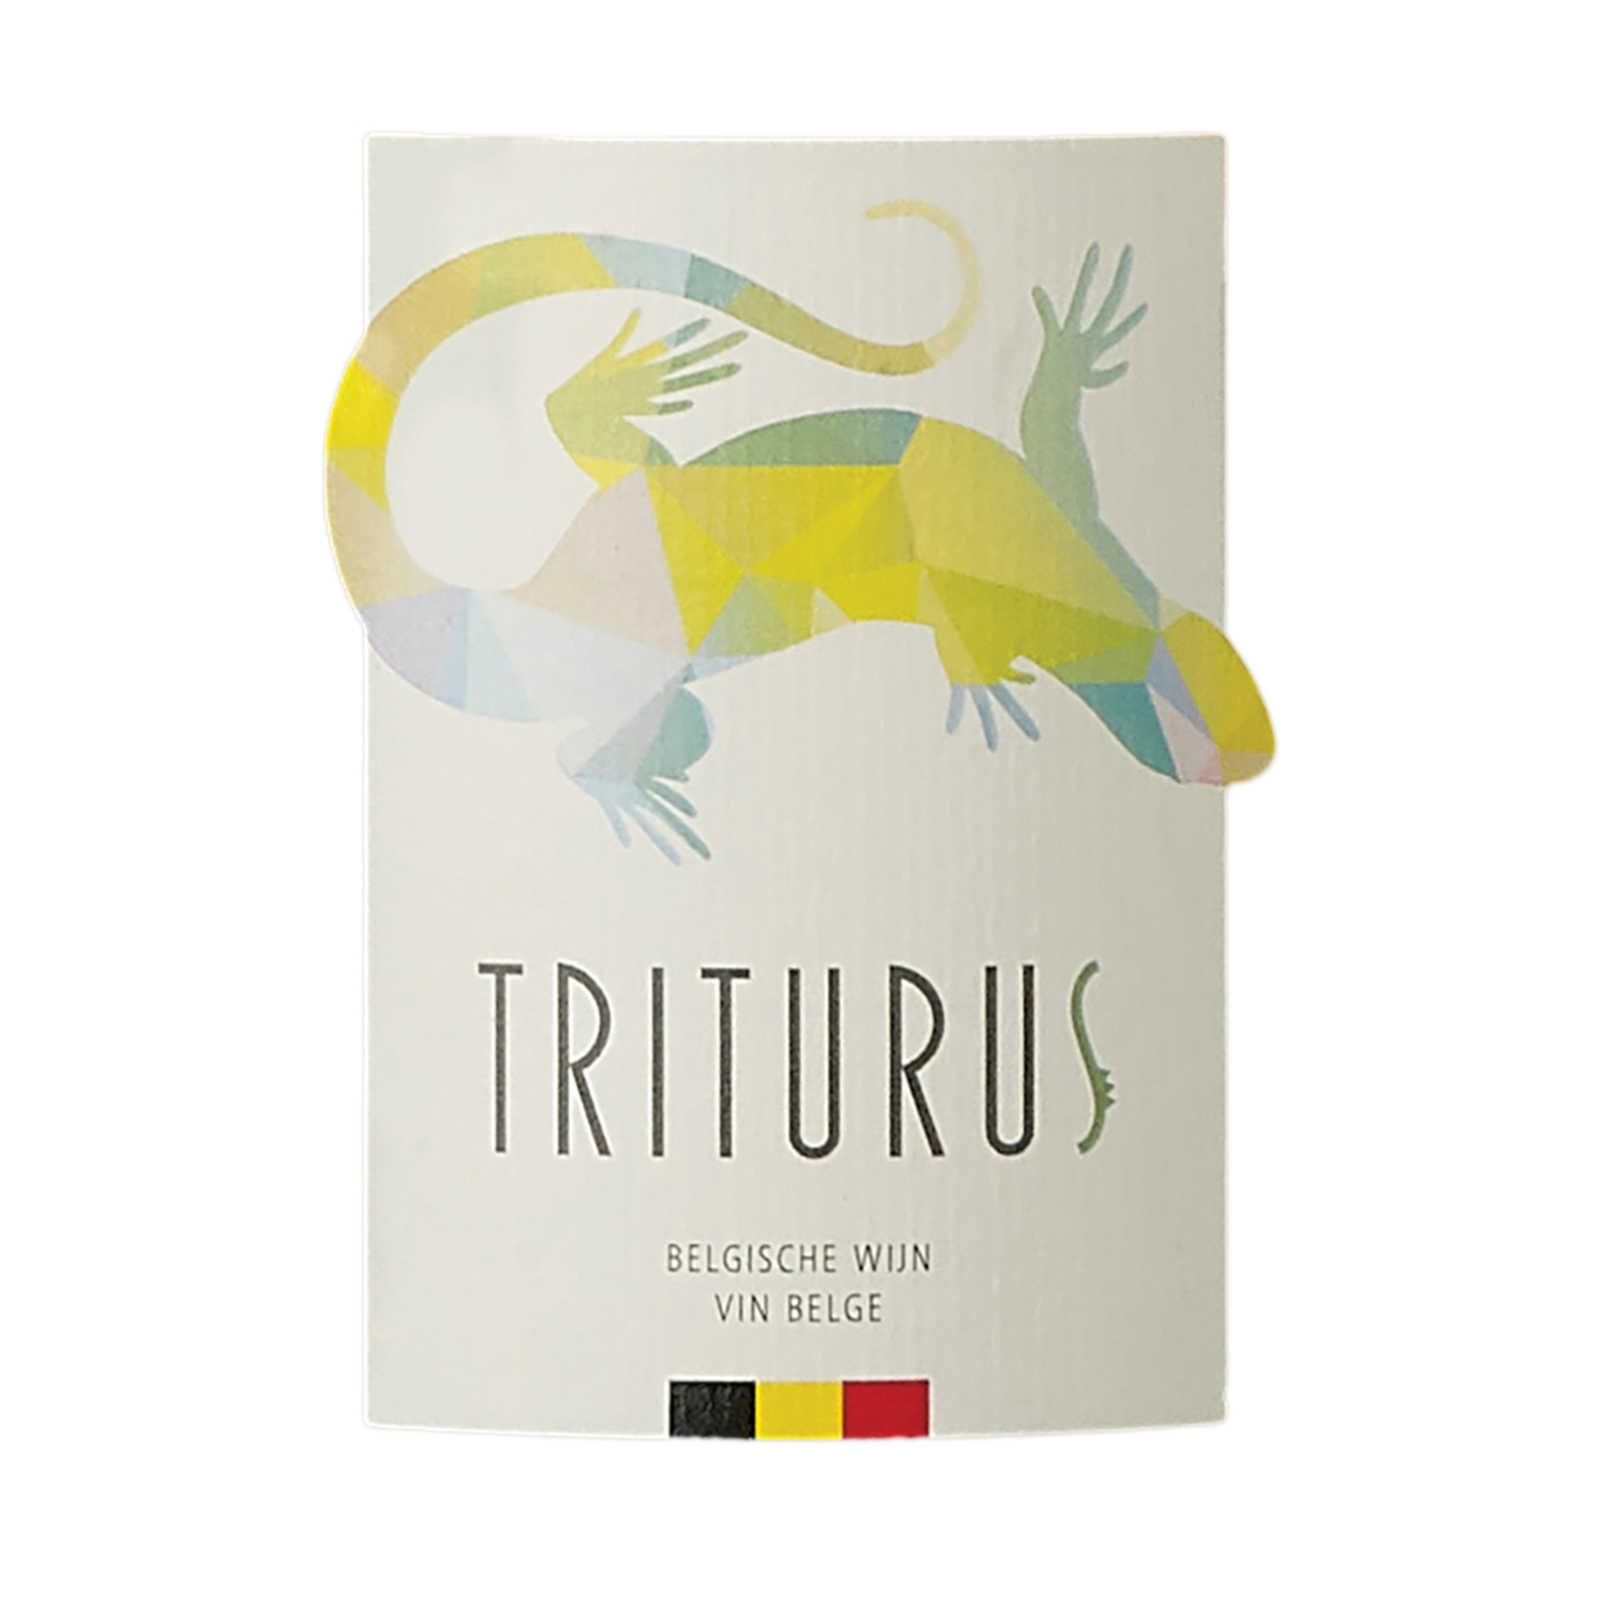 Belgique - België-Triturus